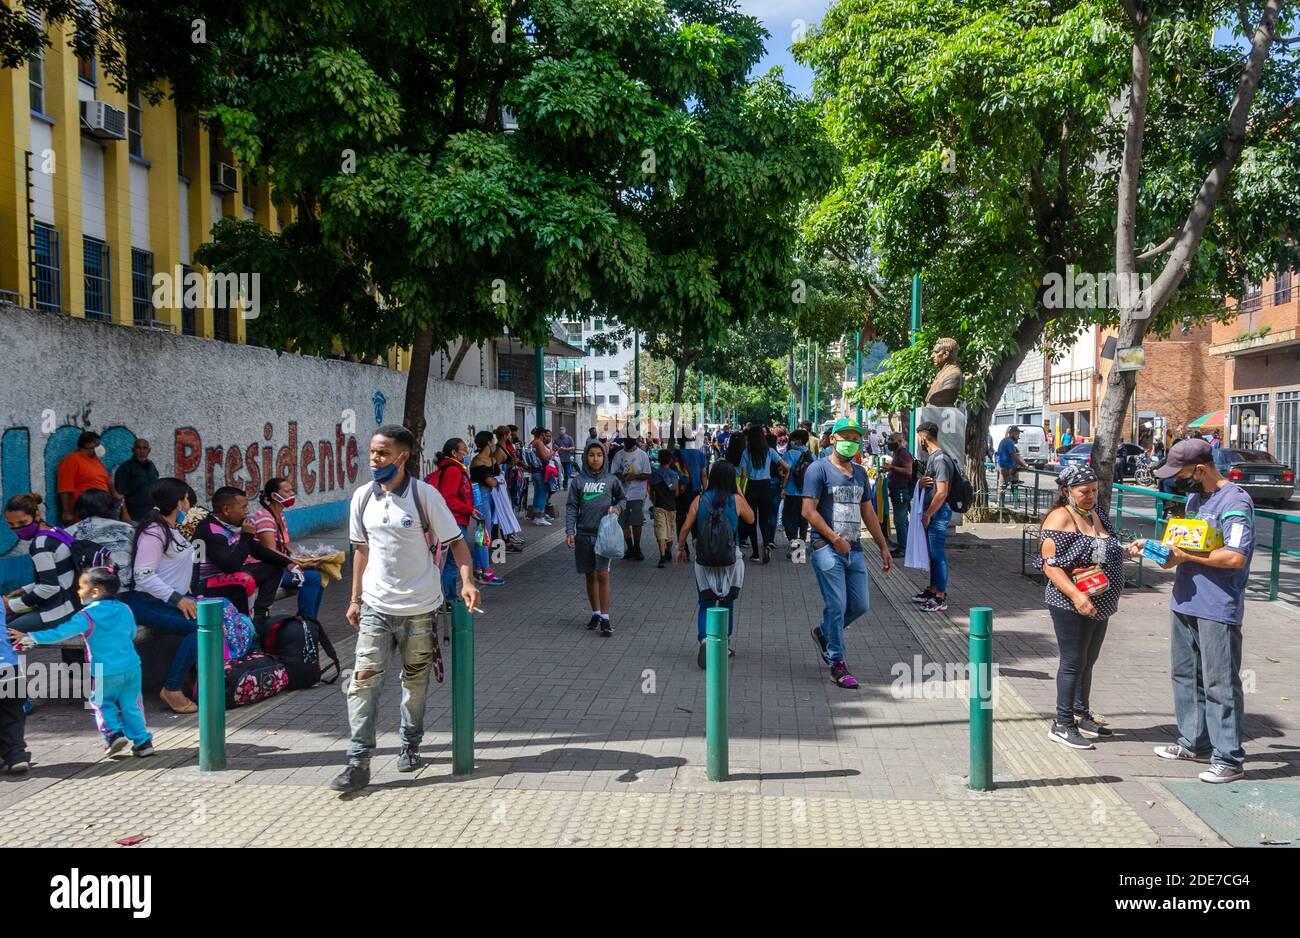 Venezuela comienza la última semana de la cuarentena radical de este 2020.a partir del lunes 23 de noviembre, Venezuela comenzará una nueva semana de cuarentena radical Foto de stock